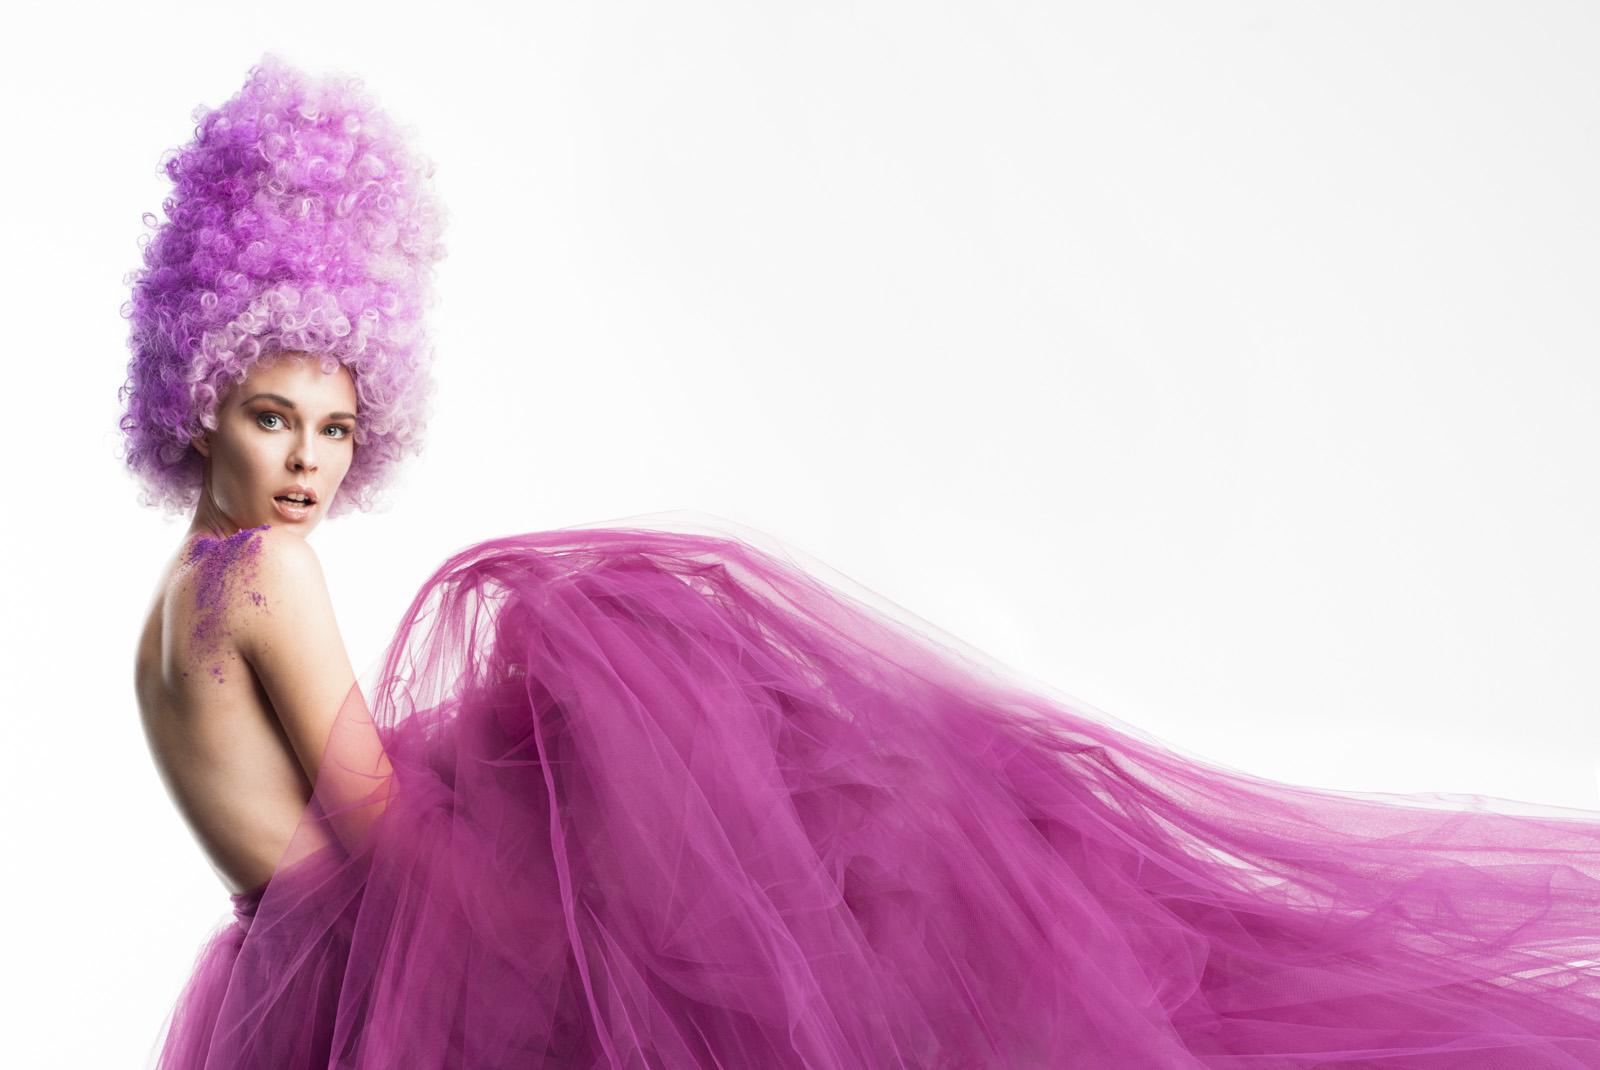 Revista Caras - Moda Orquídea